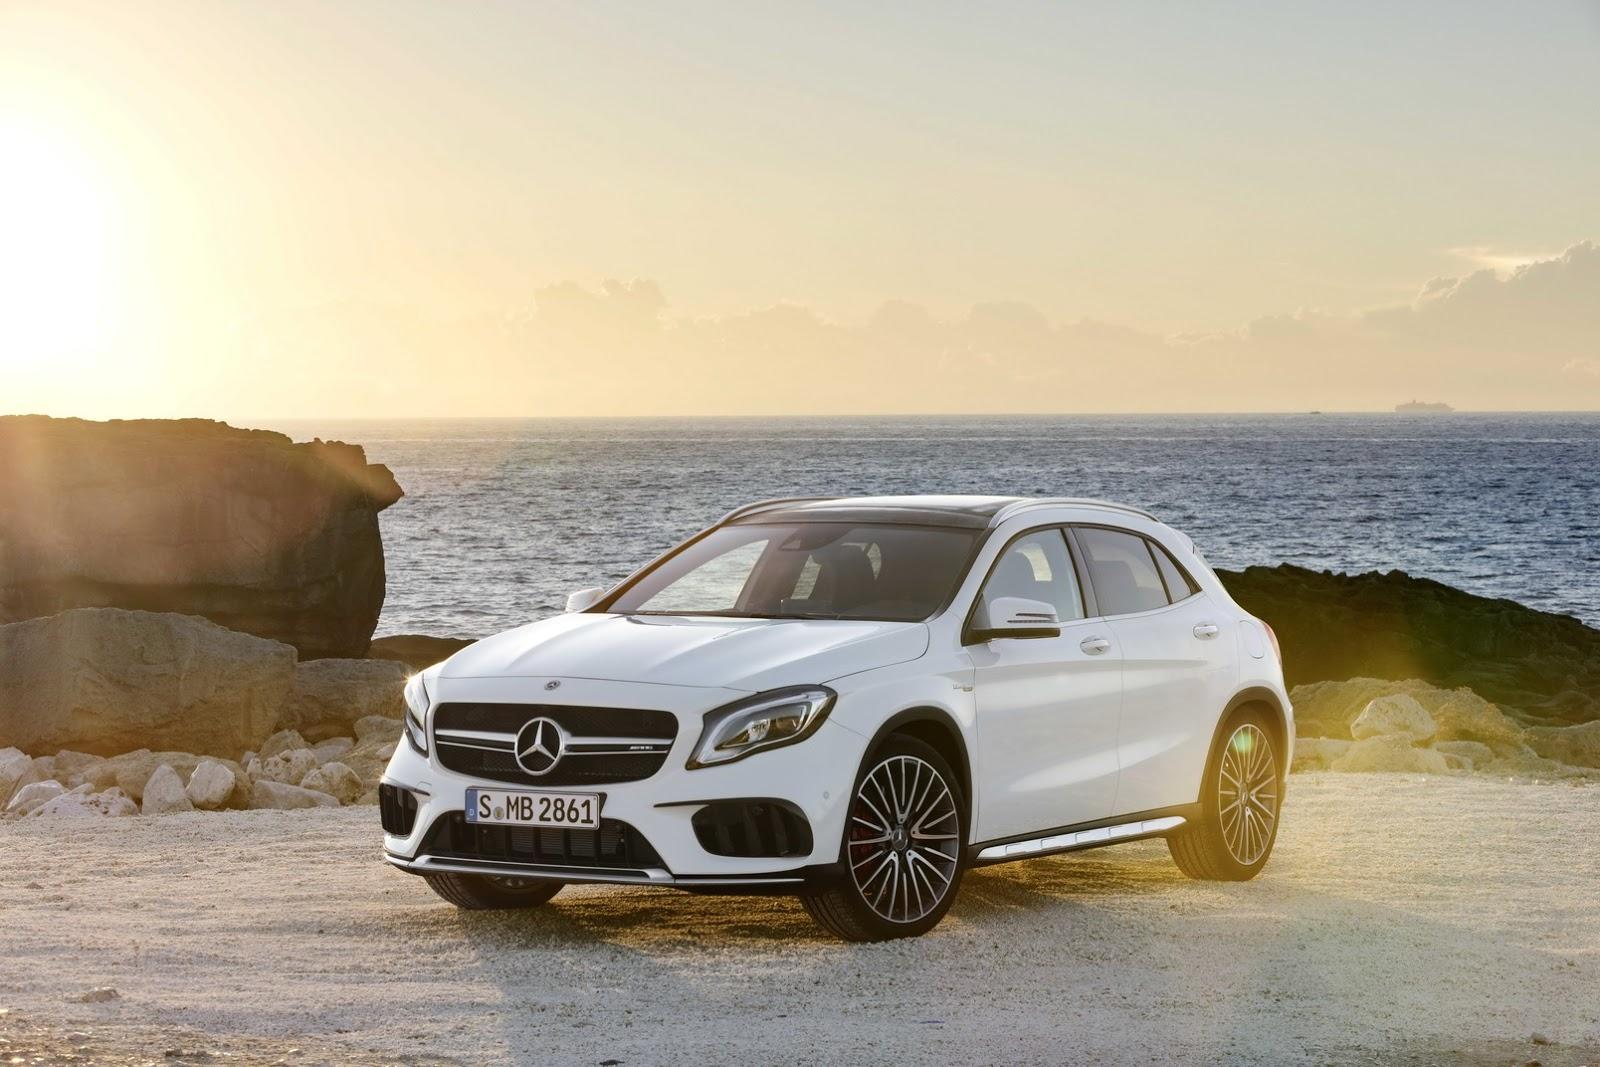 Mercedes GLA facelift and GLA 45 AMG facelift 2017 (11)